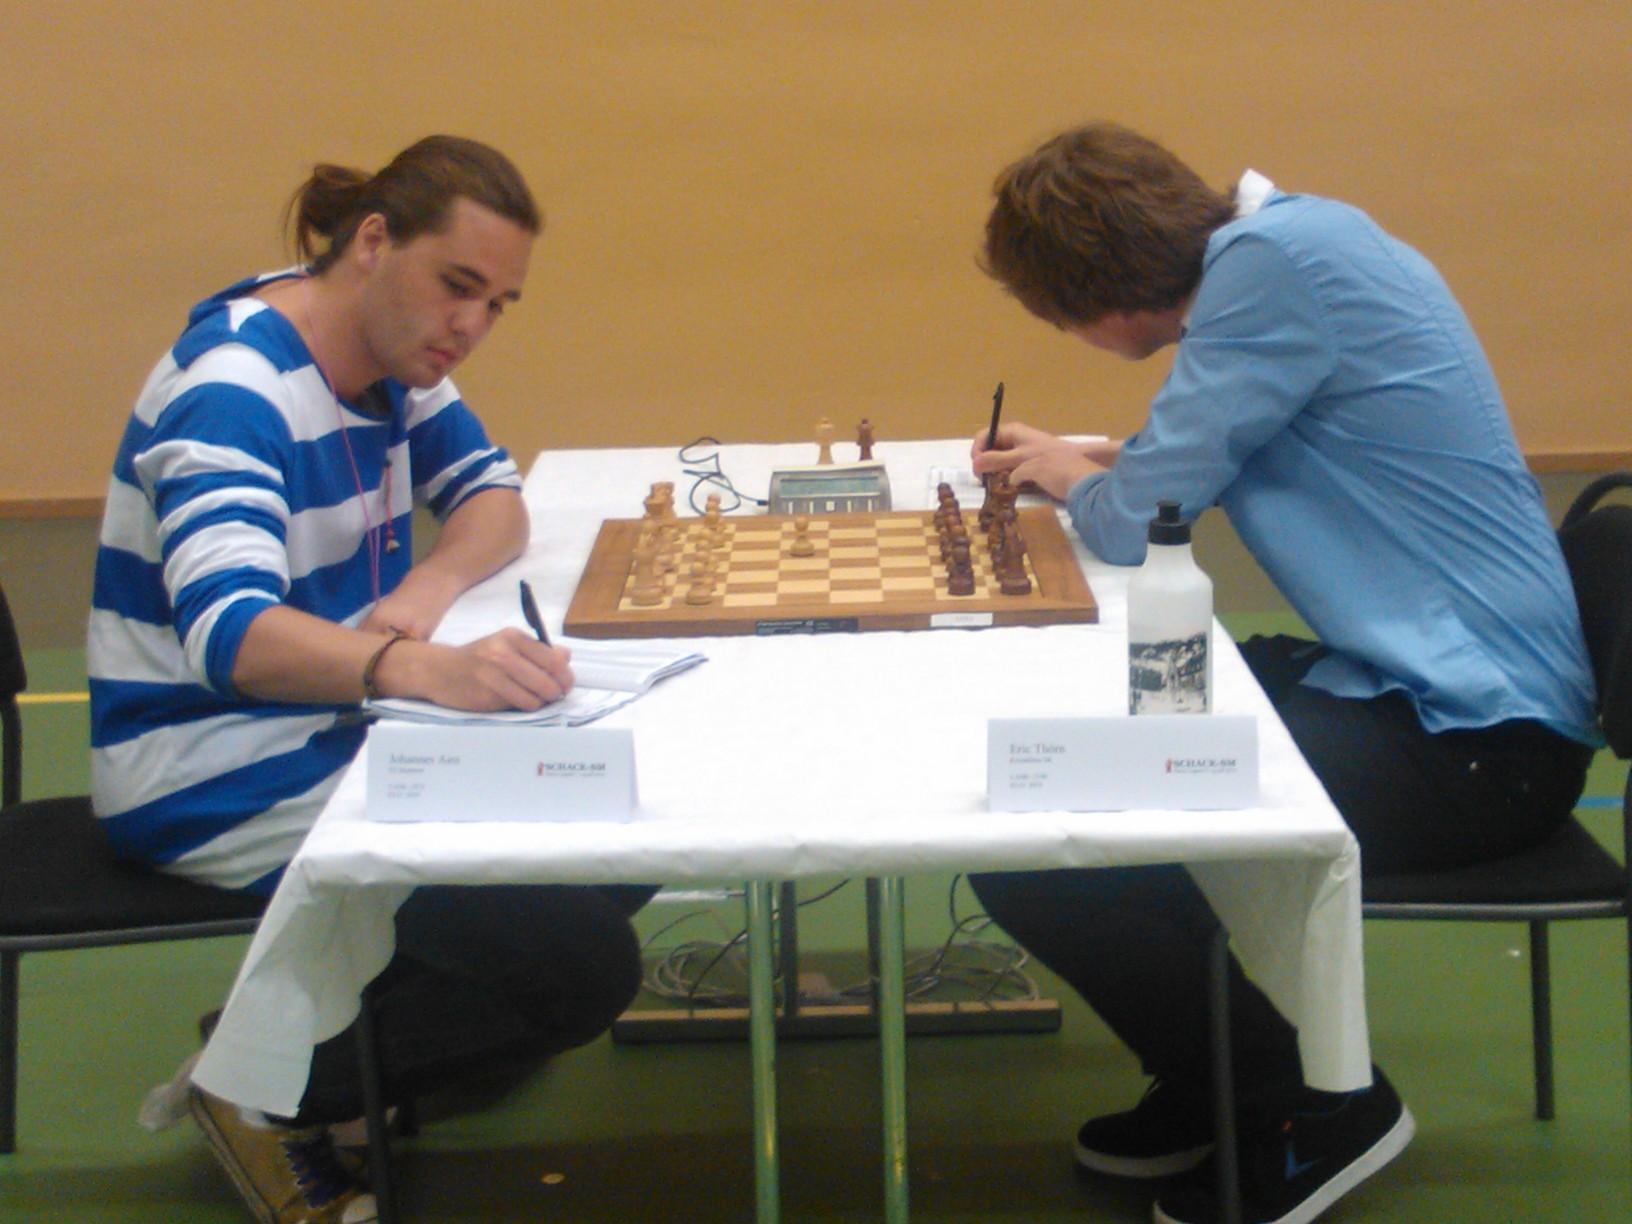 Johannes Aira i inledningen till andra rondens parti mot Eric Thörn. Efter segern ledde Johannes turneringen (foto: Teresa Aira).